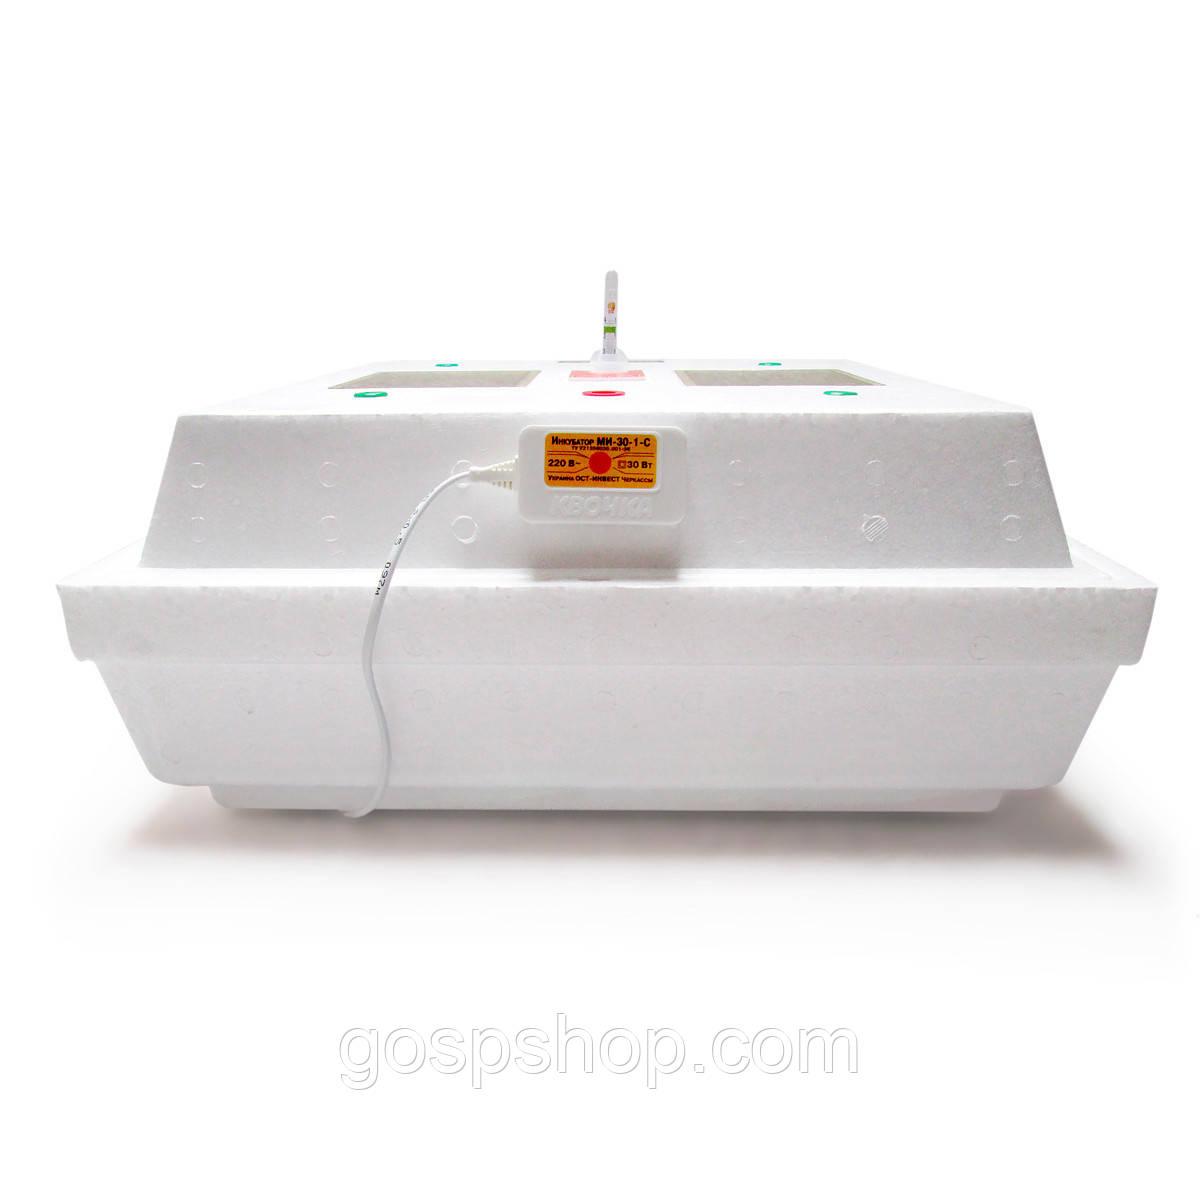 Инкубатор Квочка МИ-30-1С